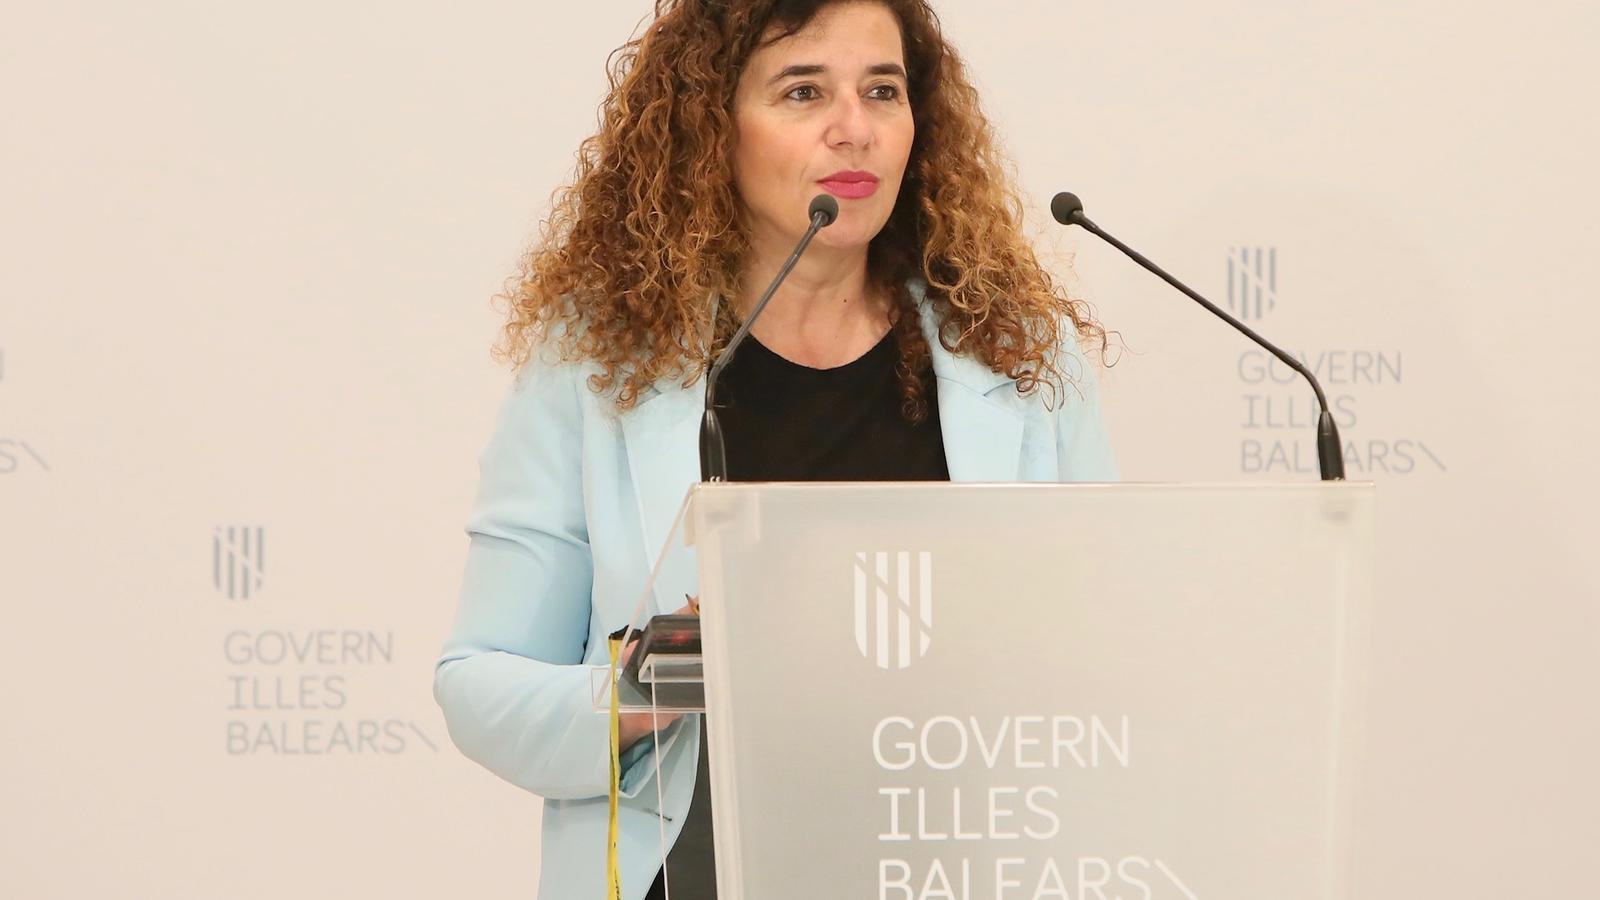 La portaveu de l'Executiu, Pilar Costa, a la roda de premsa posterior al Consell de Govern